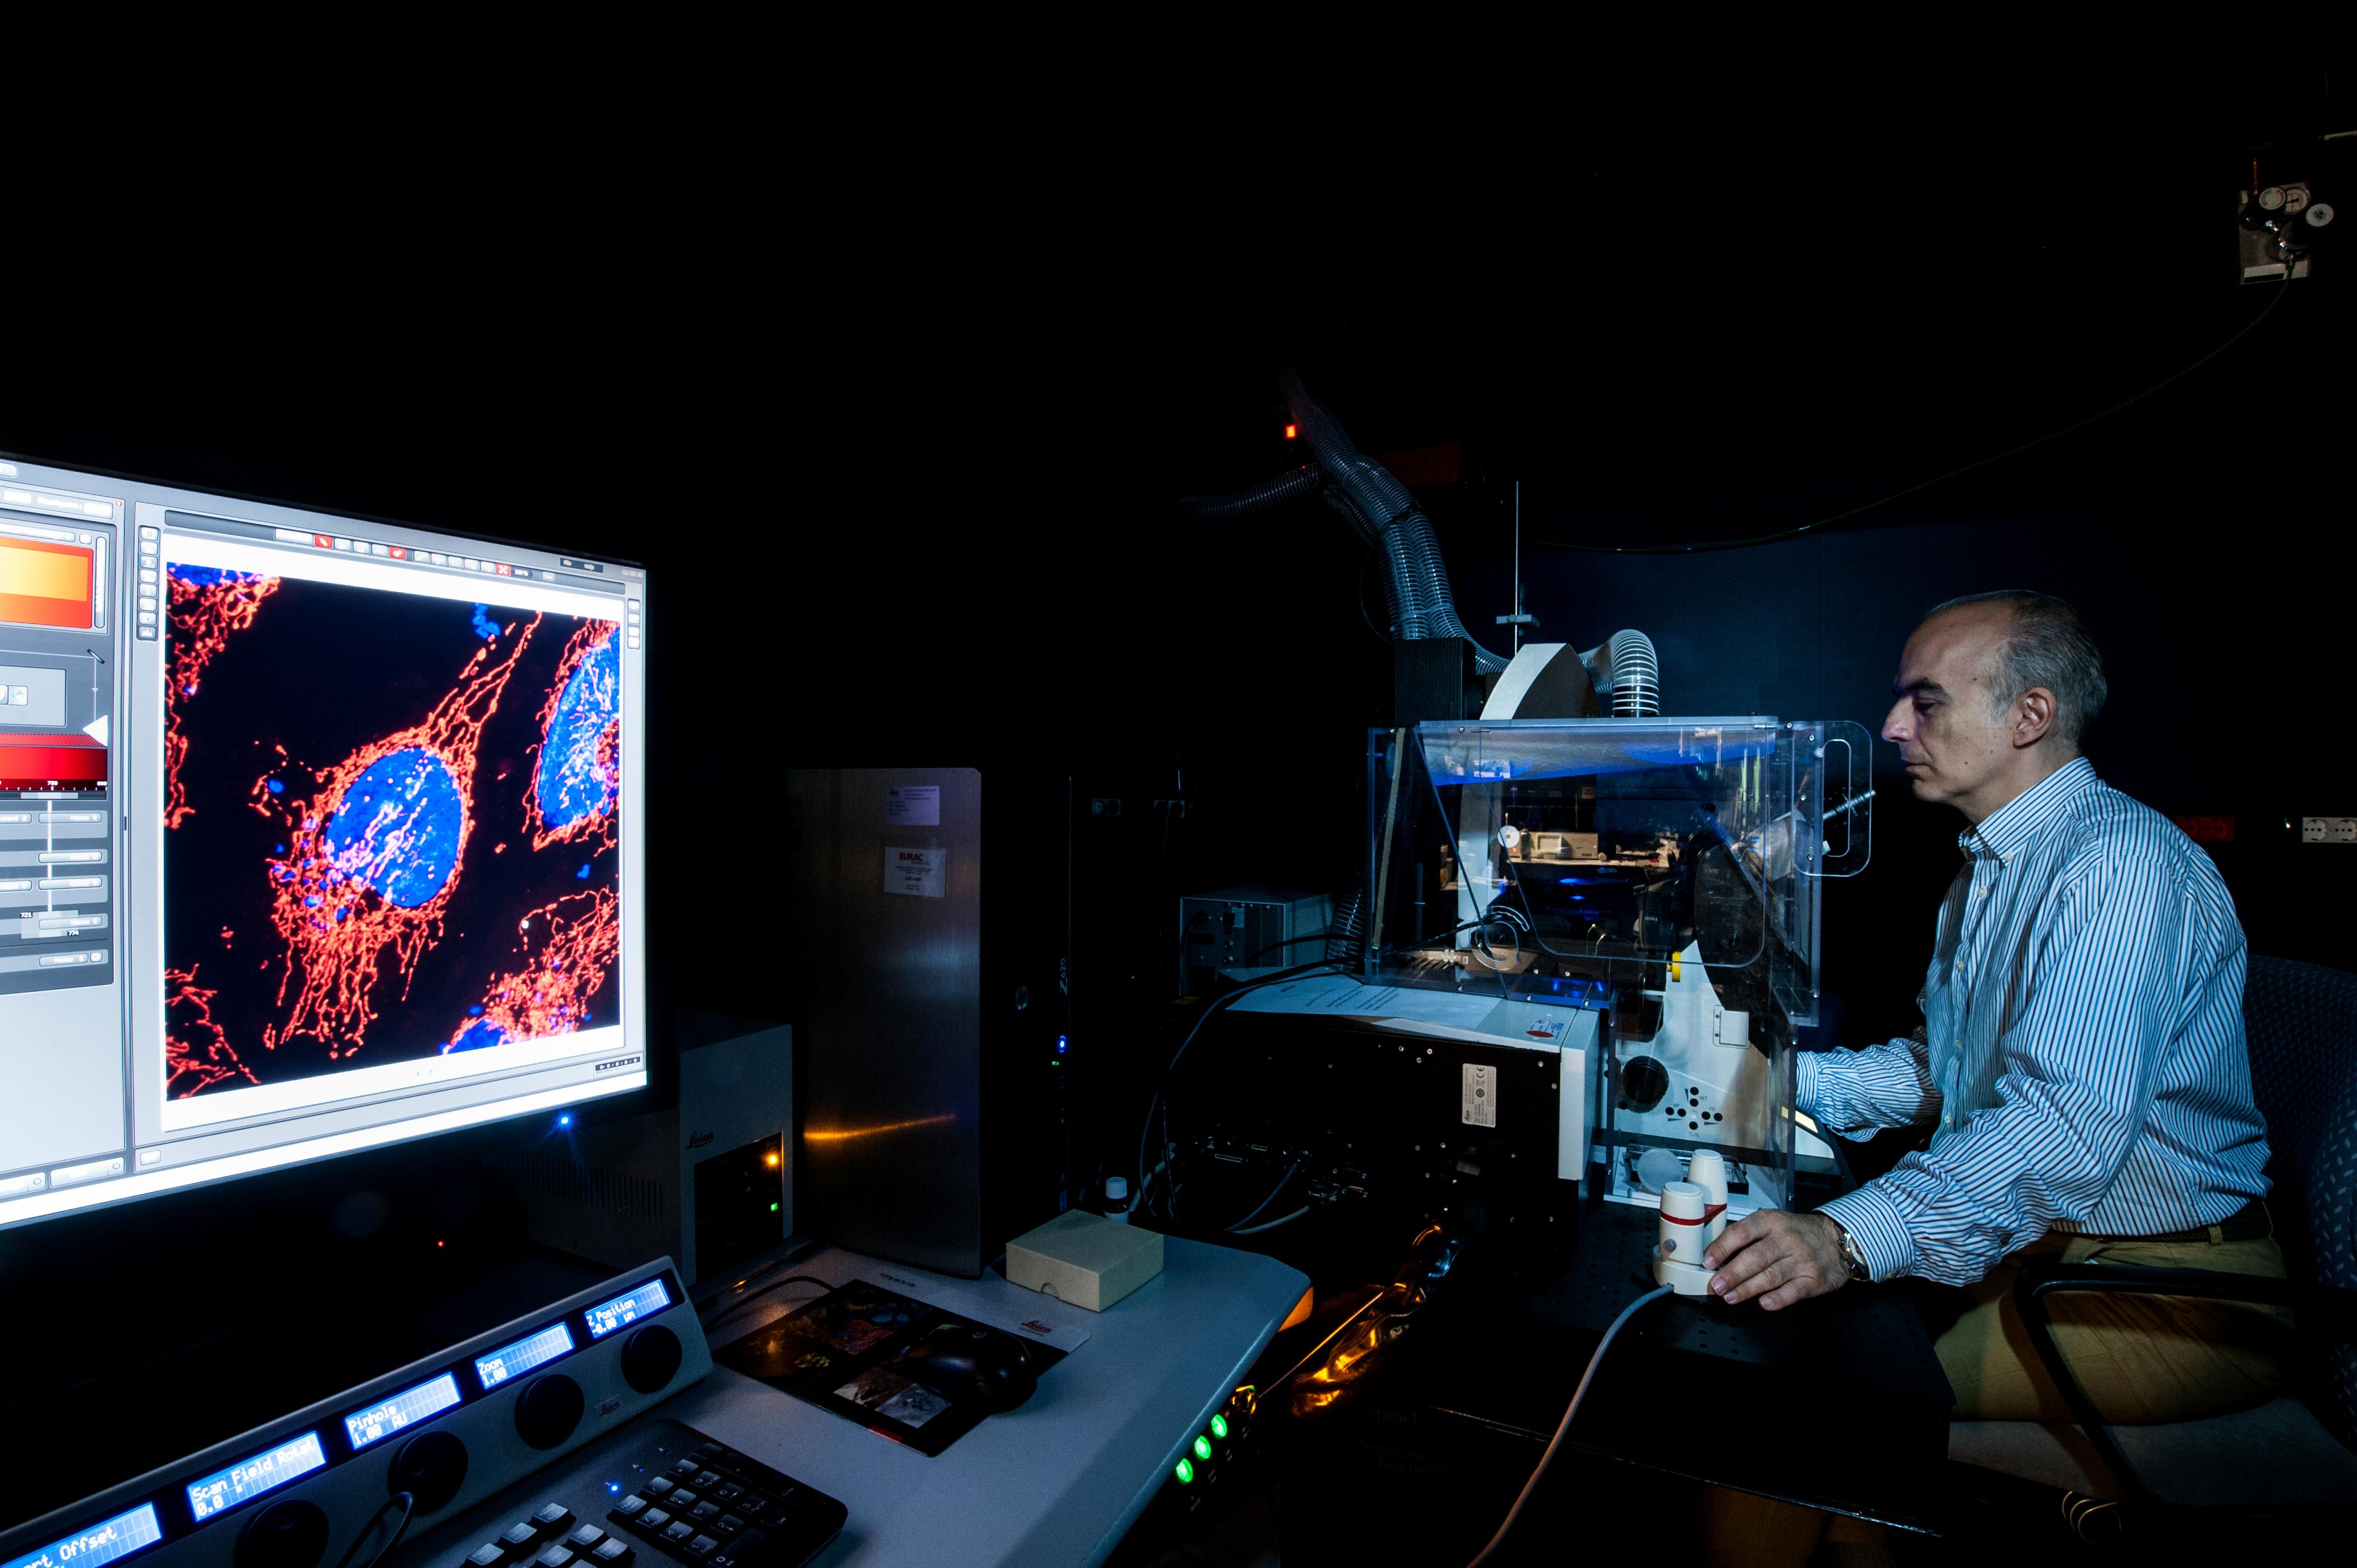 Alexandros_Lavdas_microscopio